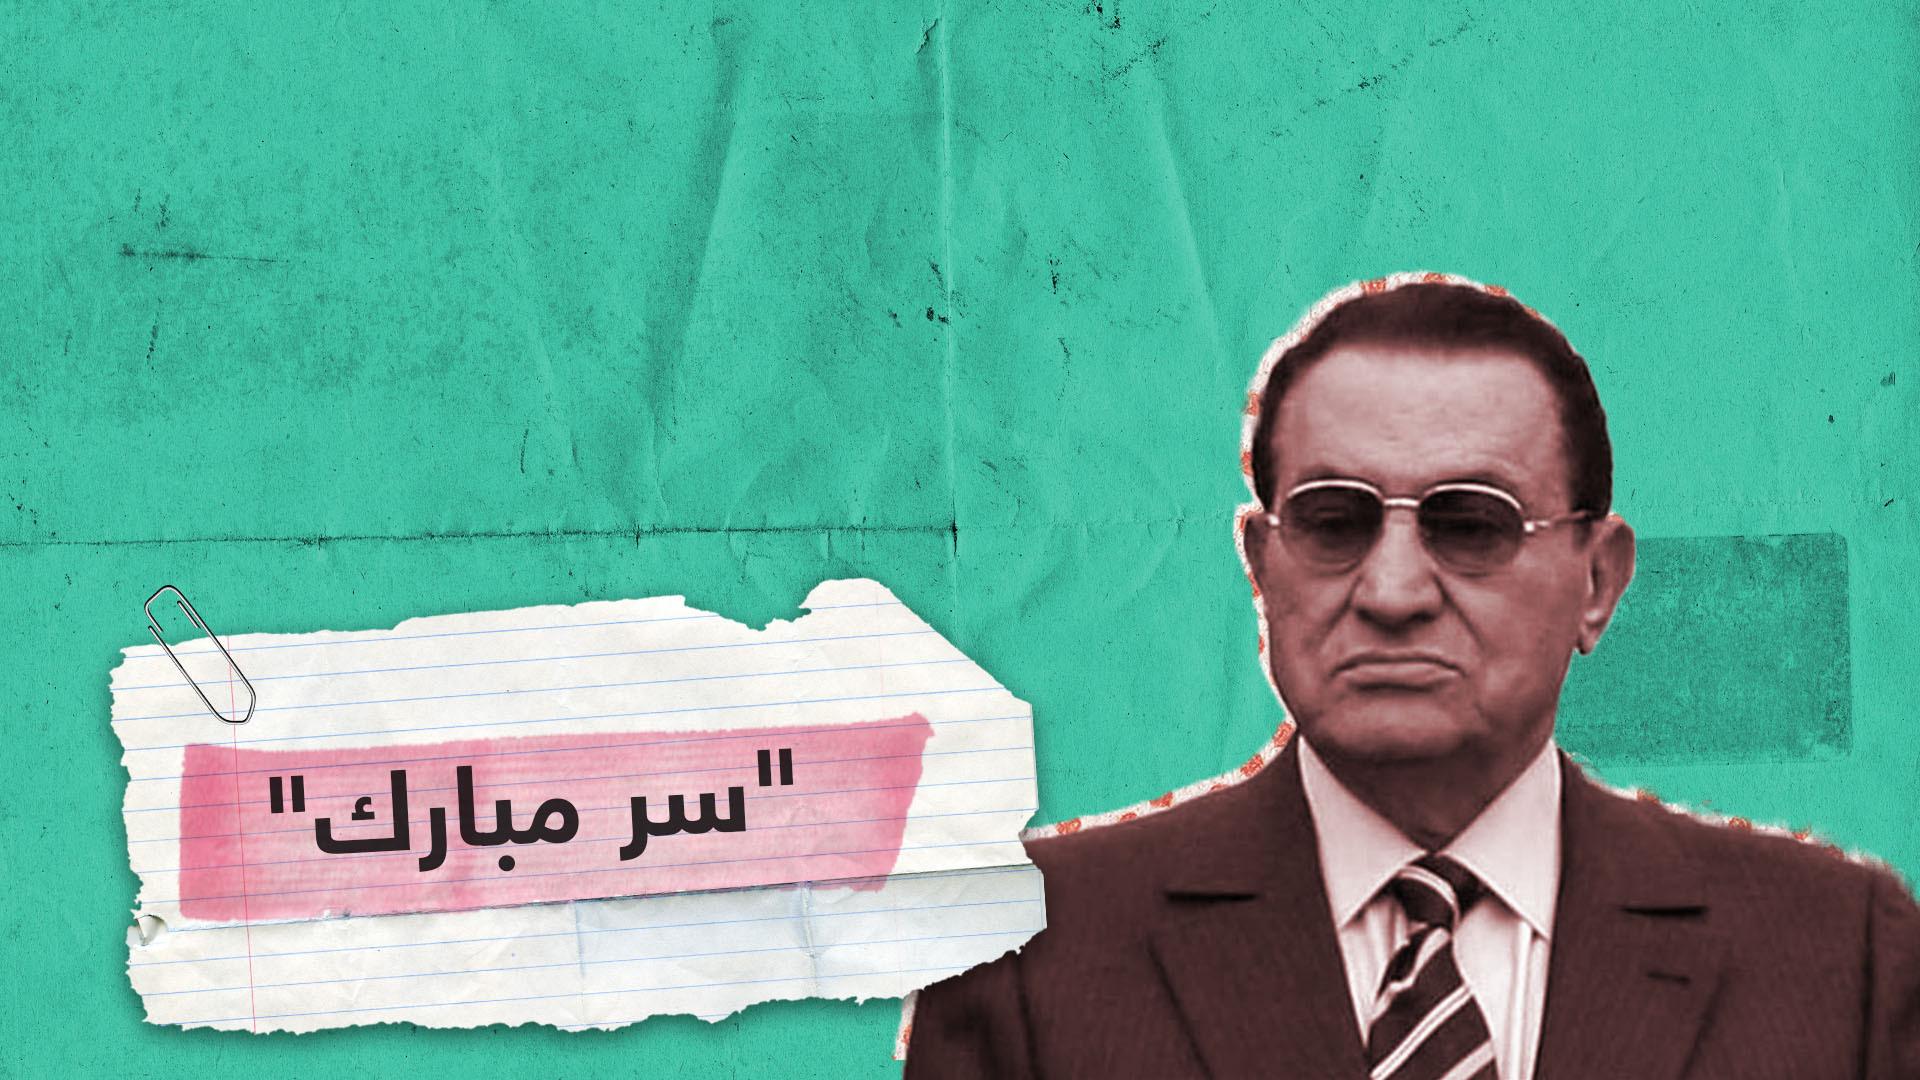 كيف تفاعلت وسائل التواصل مع وفاة مبارك؟